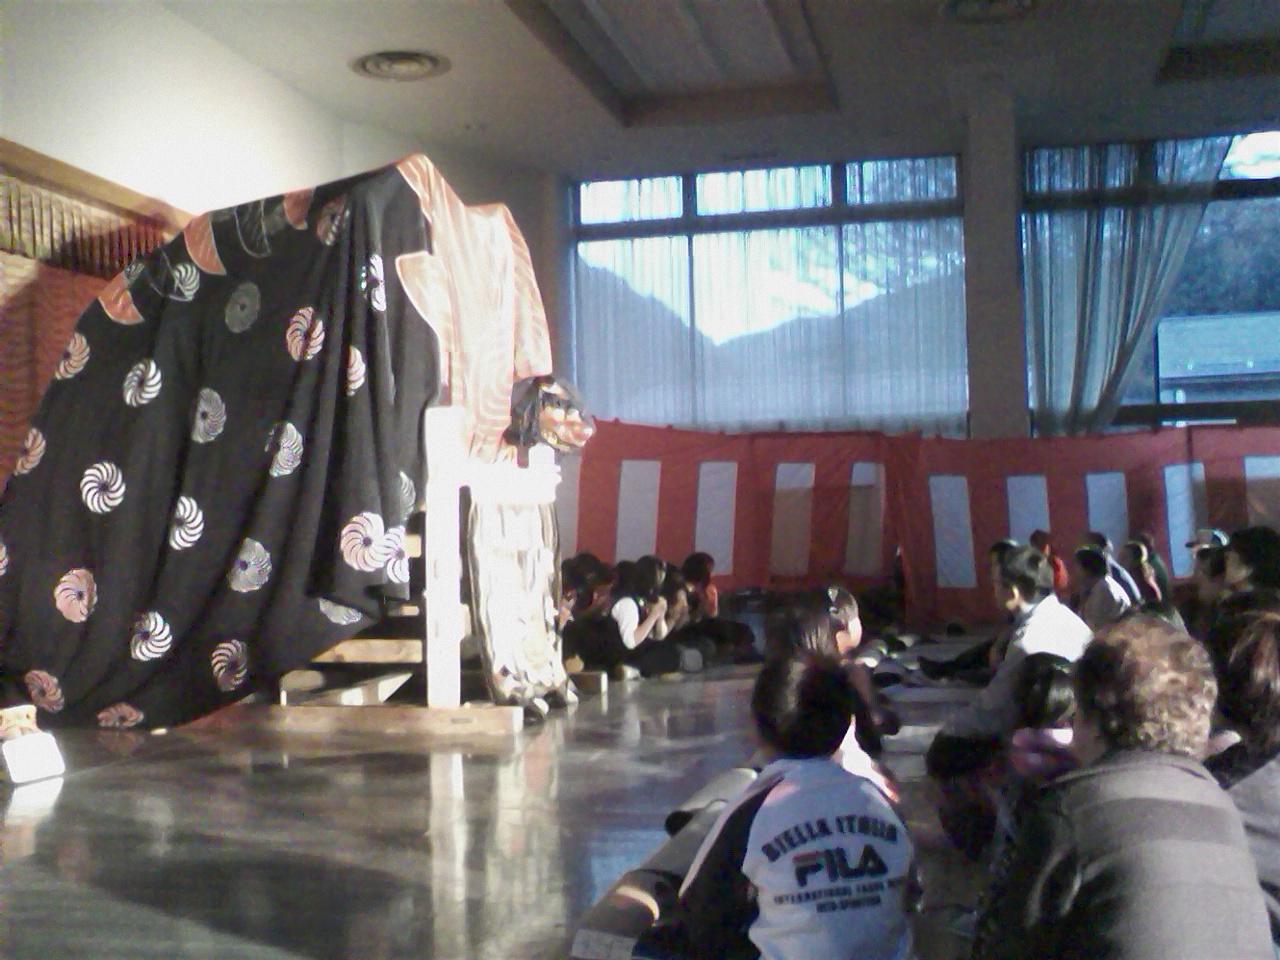 文化祭芸能祭